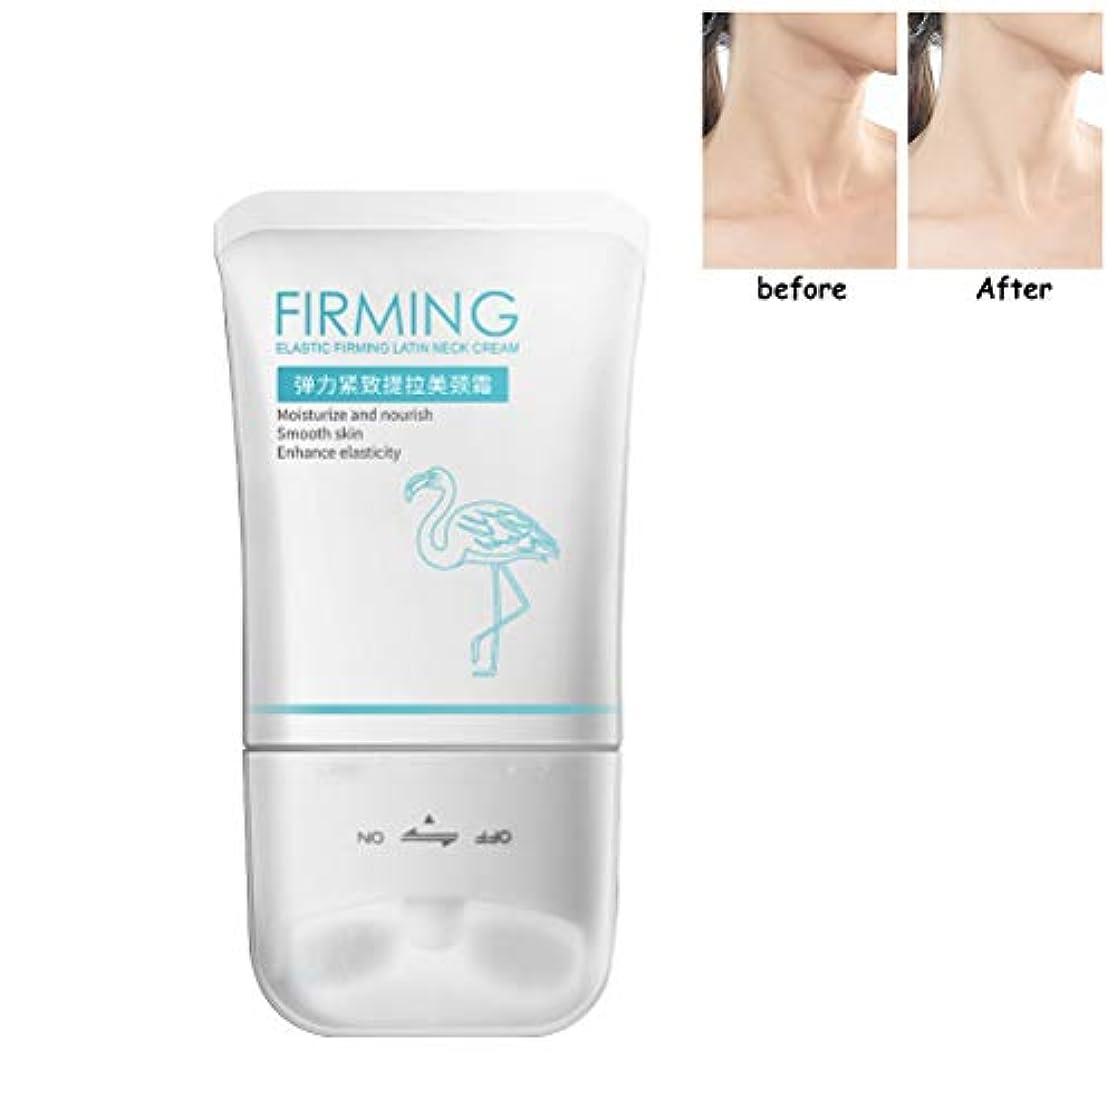 代表して遺棄された制裁Creacom ネッククリーム ローラークリーム しわを取り除く 補水 保湿 首紋を解消する ネックマスク スキンケア 美白 美肌 美容 保湿 栄養 ファーミング シワを防ぐ 男女兼用 120g